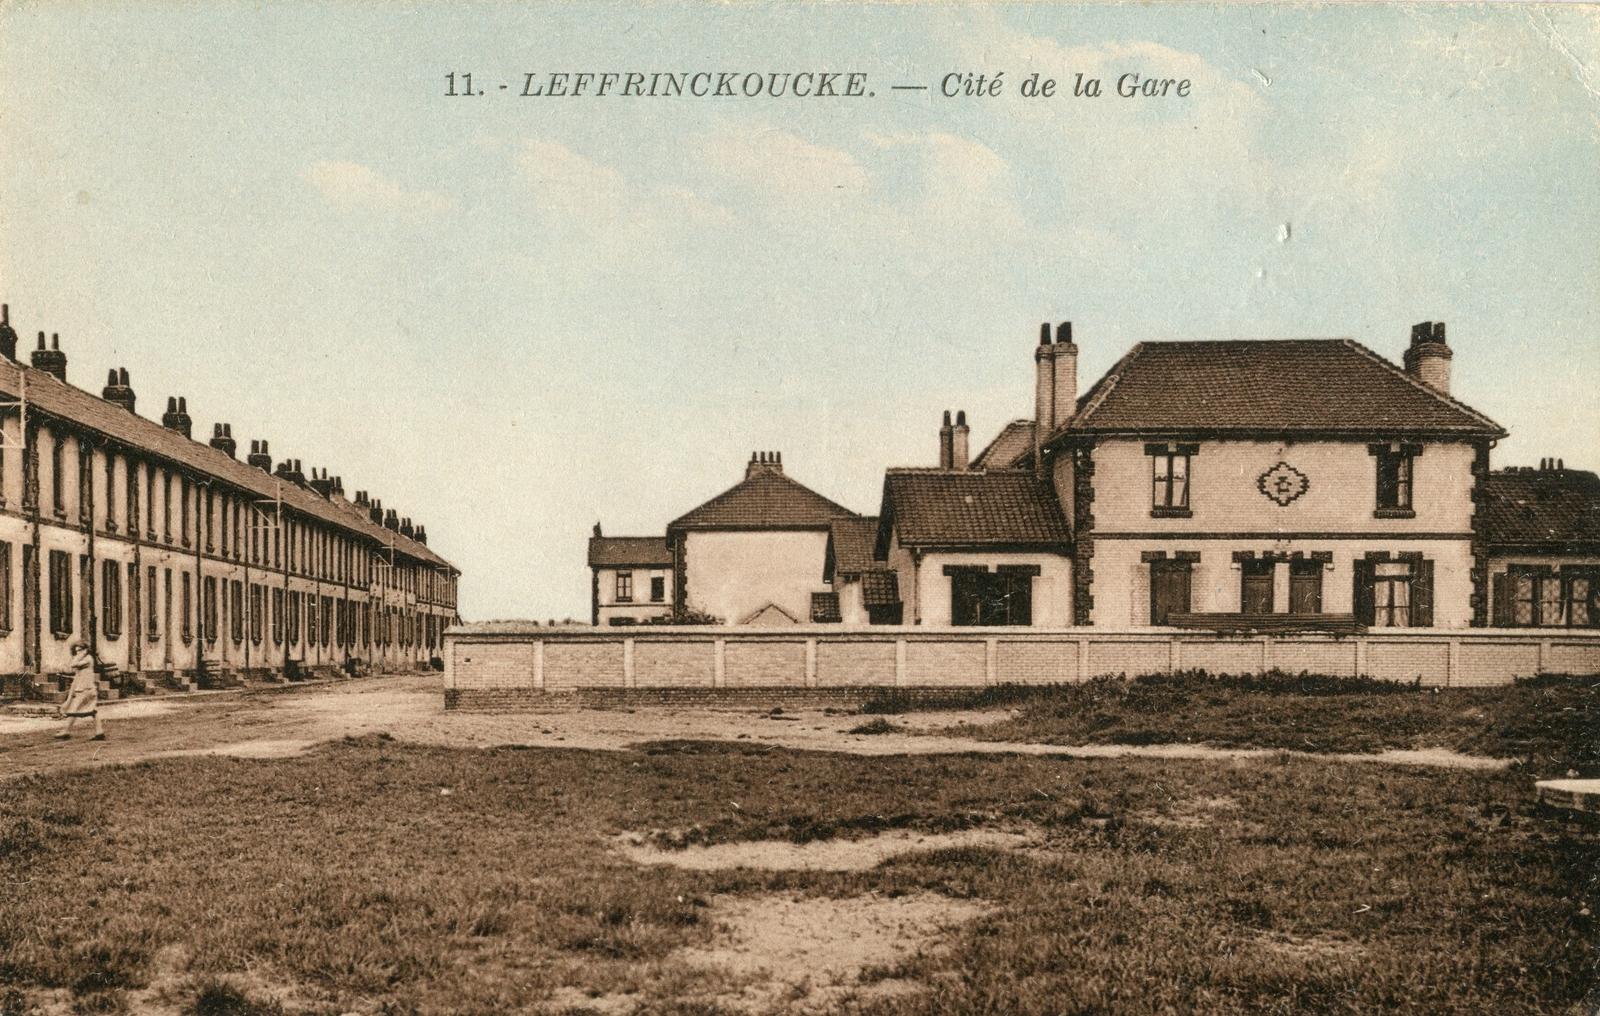 Leffrinckoucke - Mairie de Leffrinckoucke et sa commune (59495)